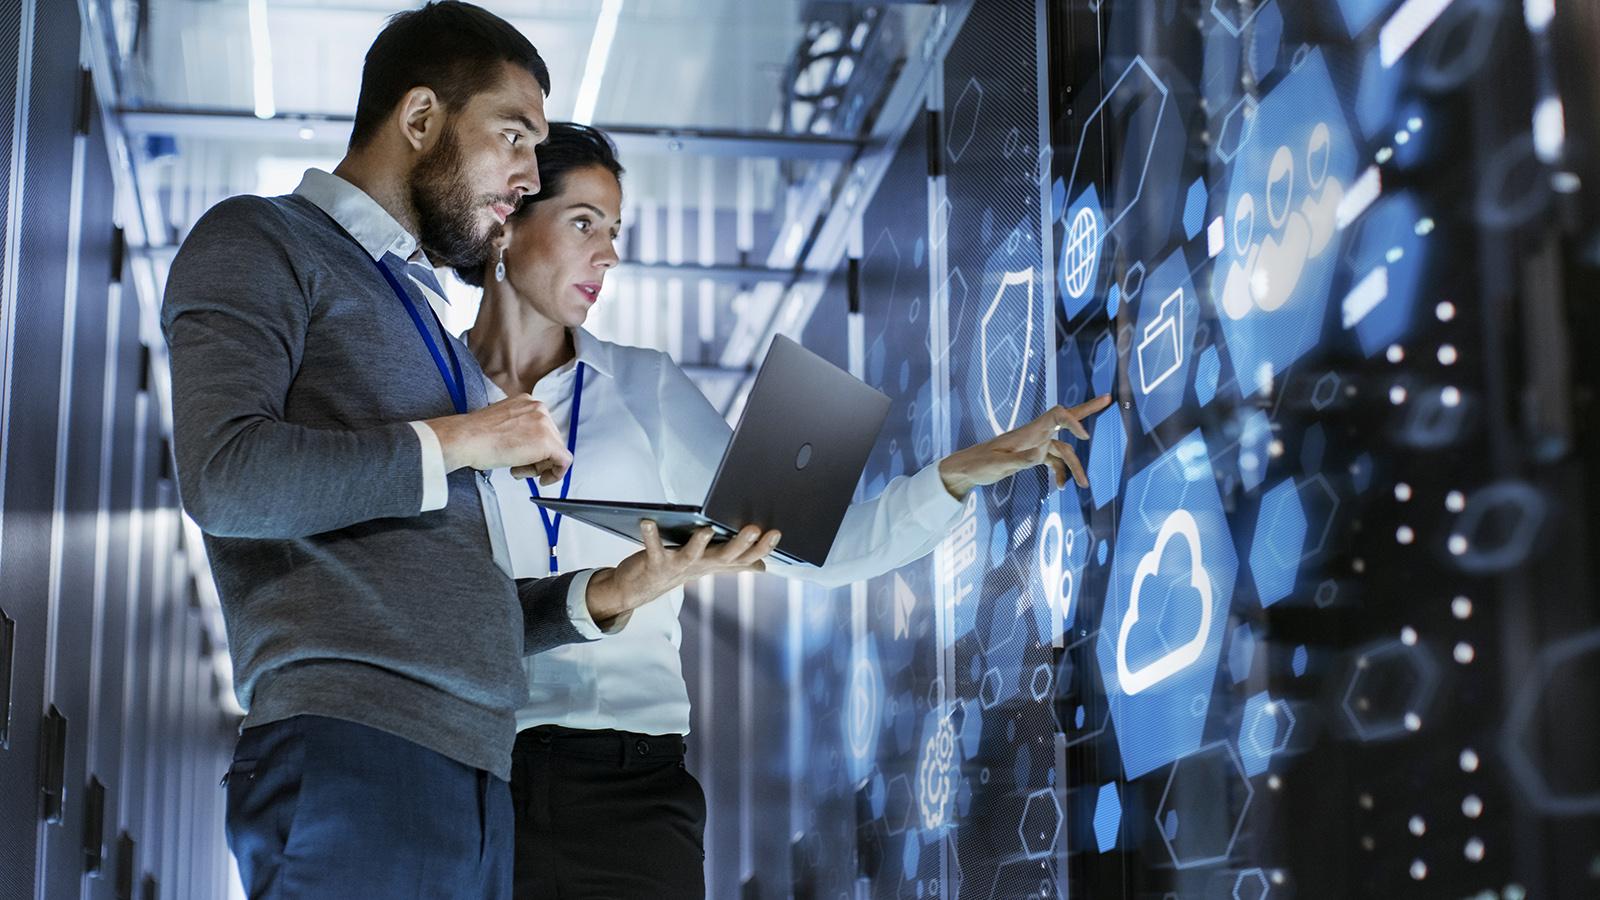 Analystin und Kollege vor dem digital Screen bei der Arbeit mit Laptop